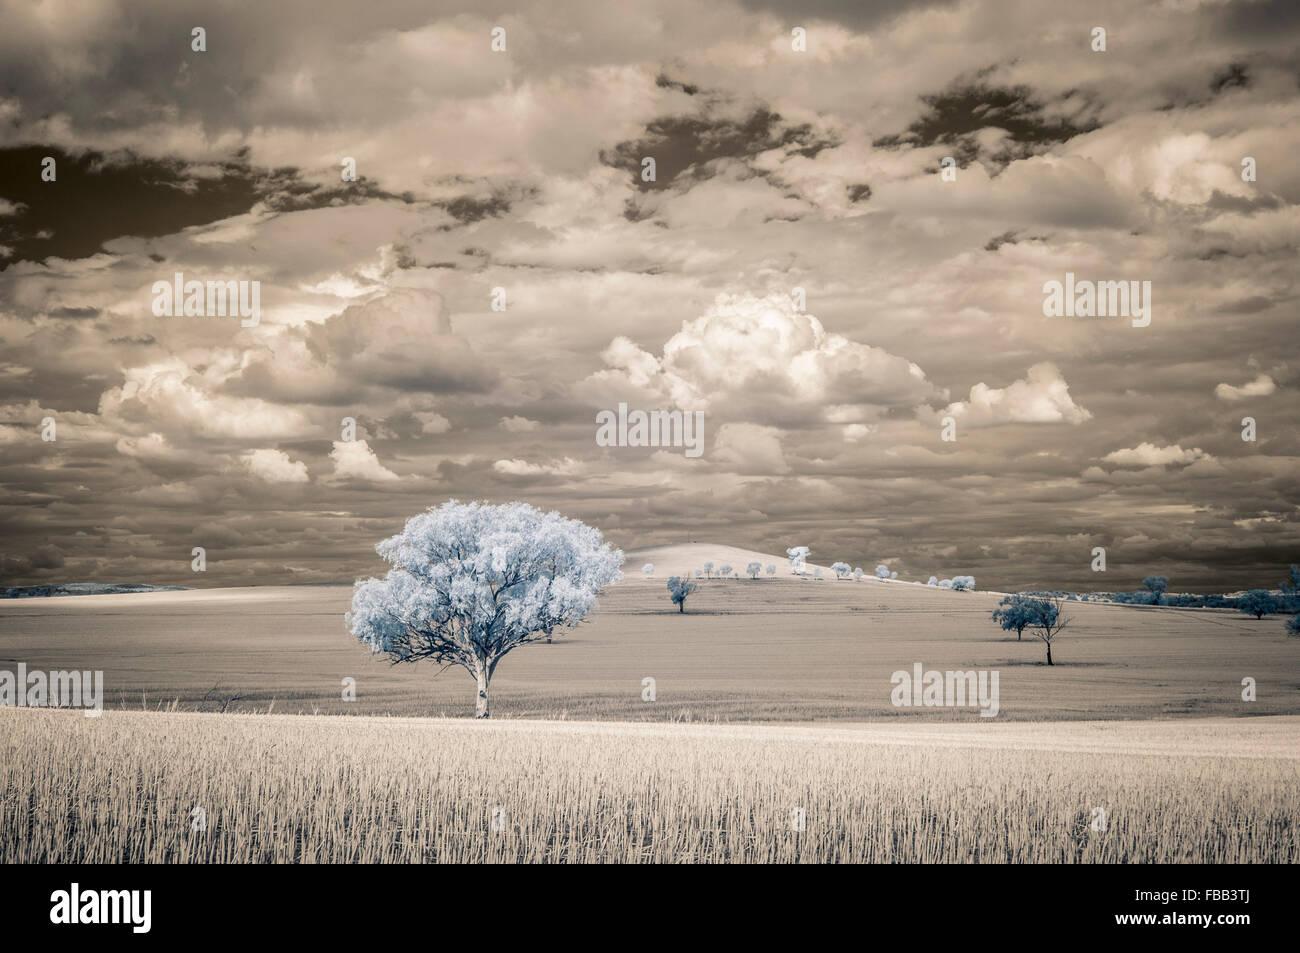 Campo da sole immagini a infrarossi, outback Nuovo Galles del Sud, Australia Immagini Stock